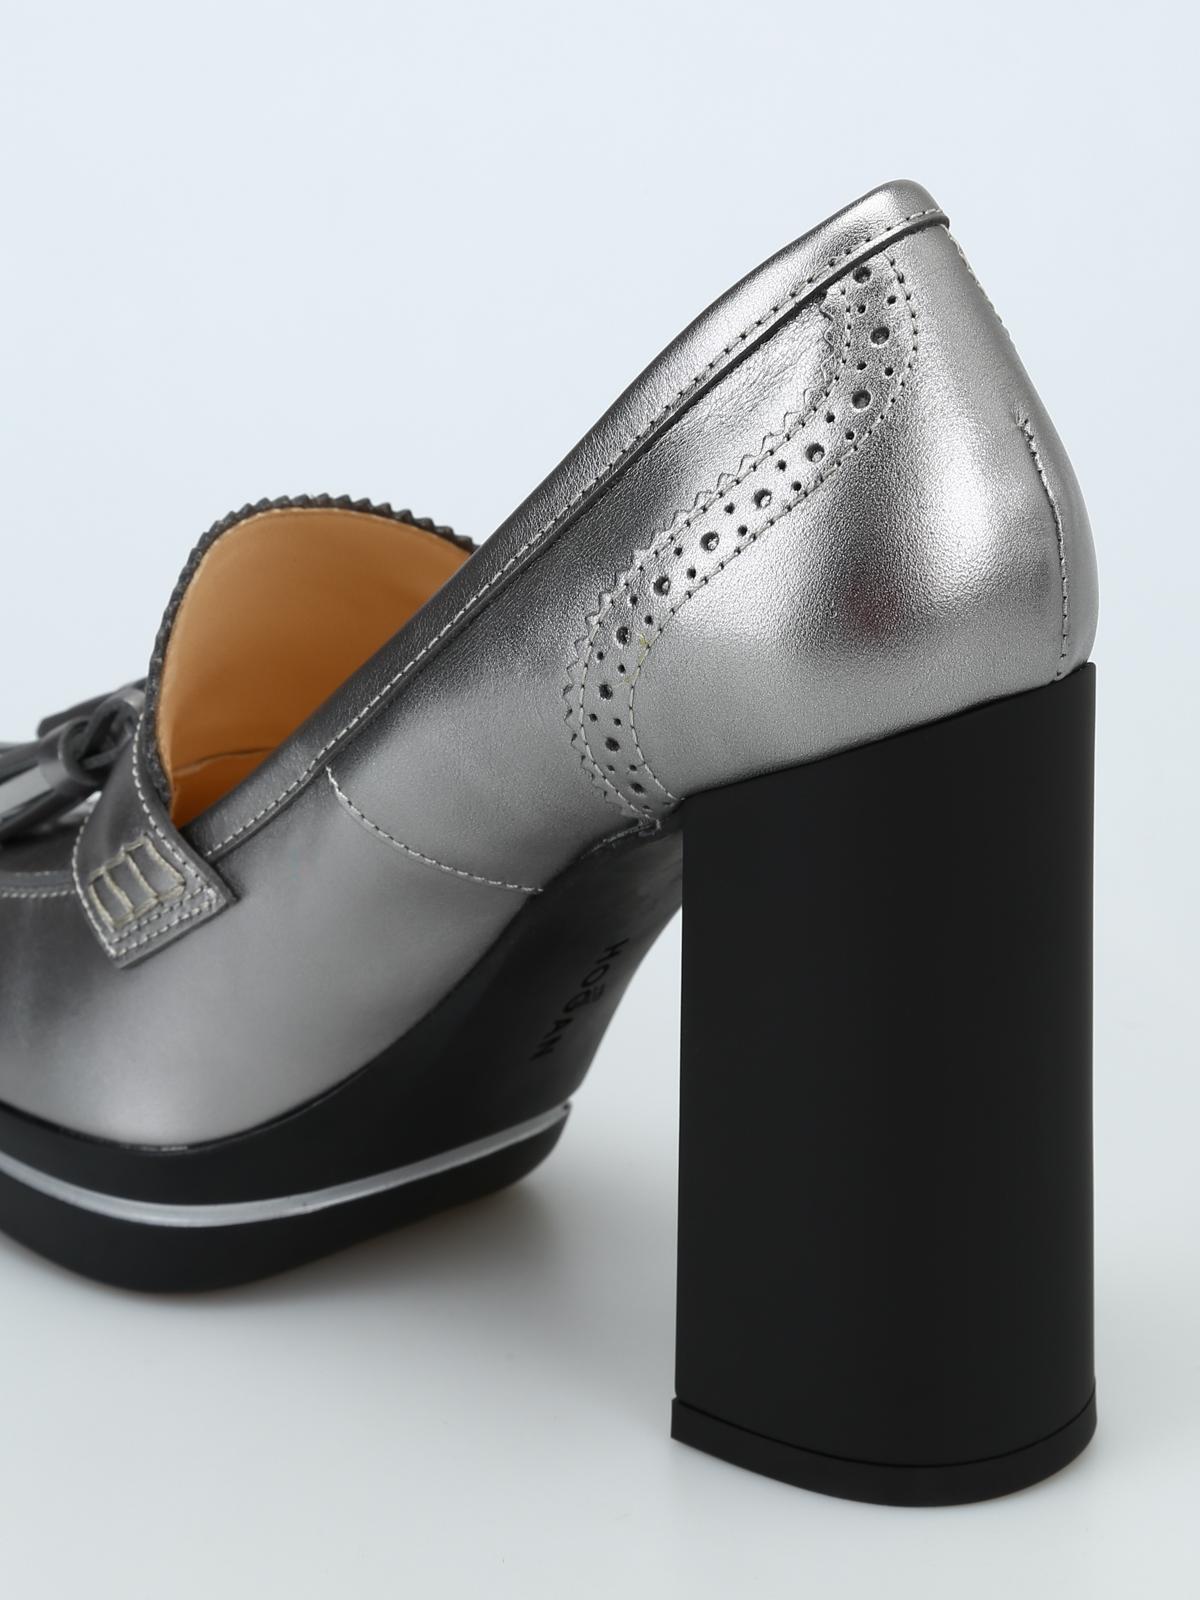 651c4558f8 Hogan - Décolleté stile mocassino in pelle laminata - scarpe ...